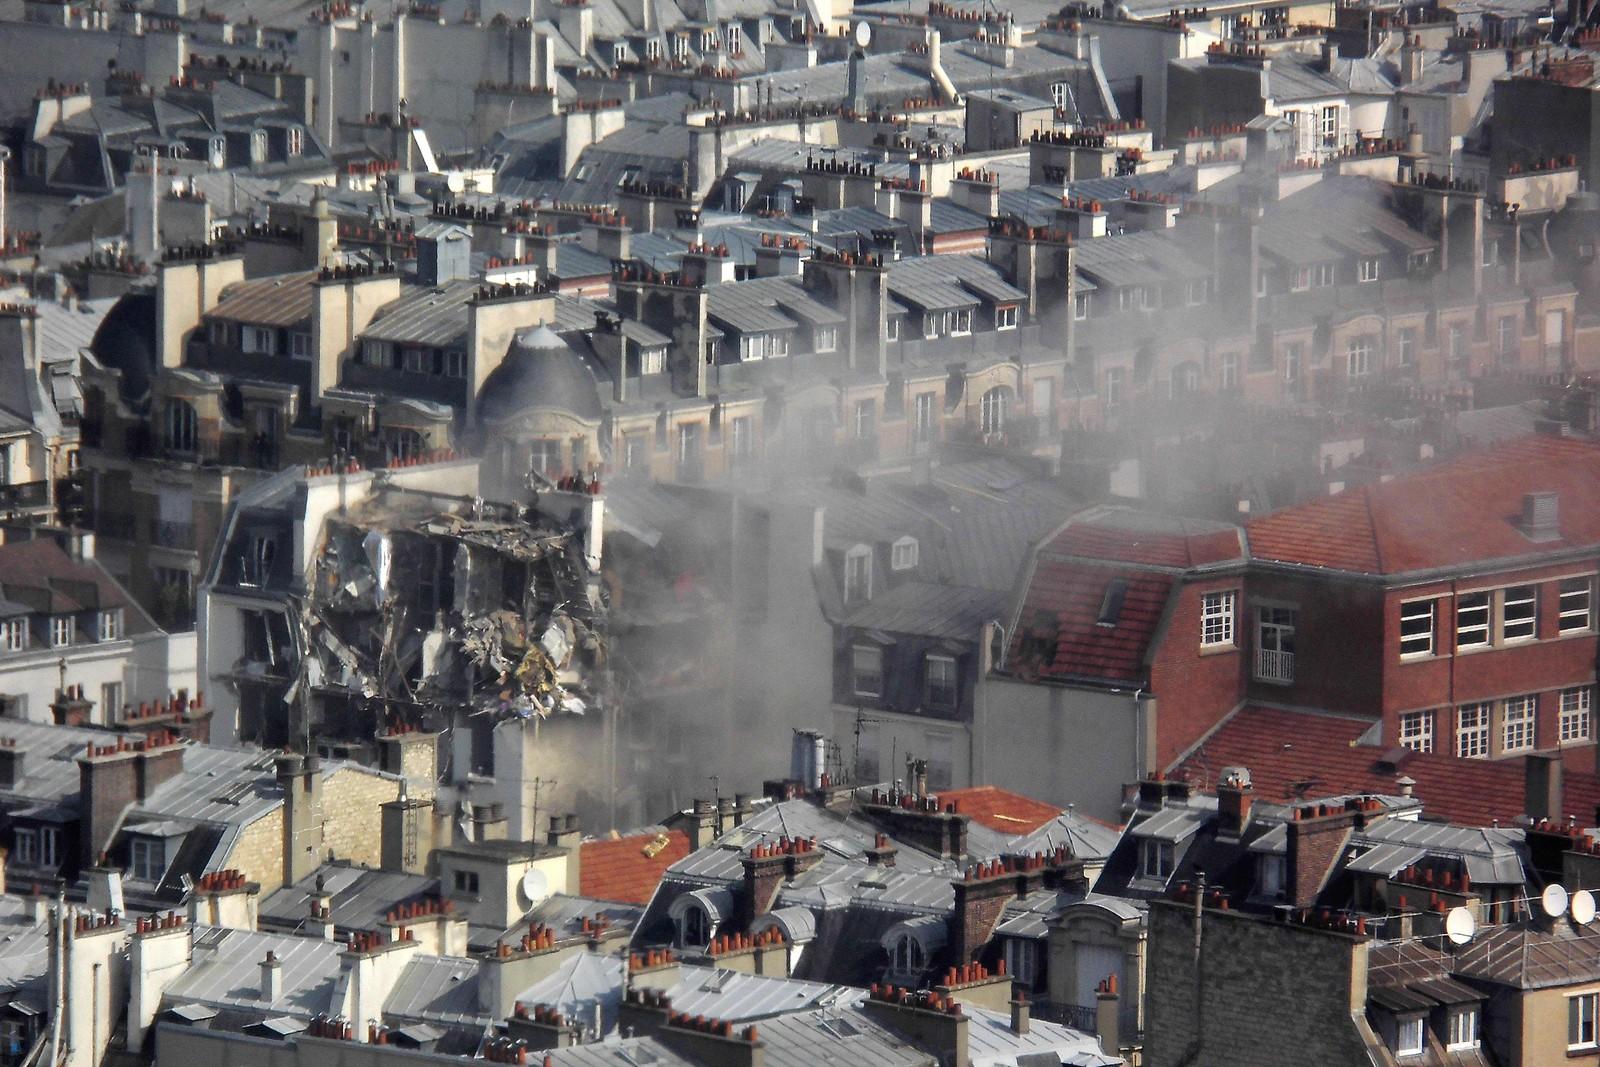 Røyk spredte seg over nabolaget i sentrale Paris.